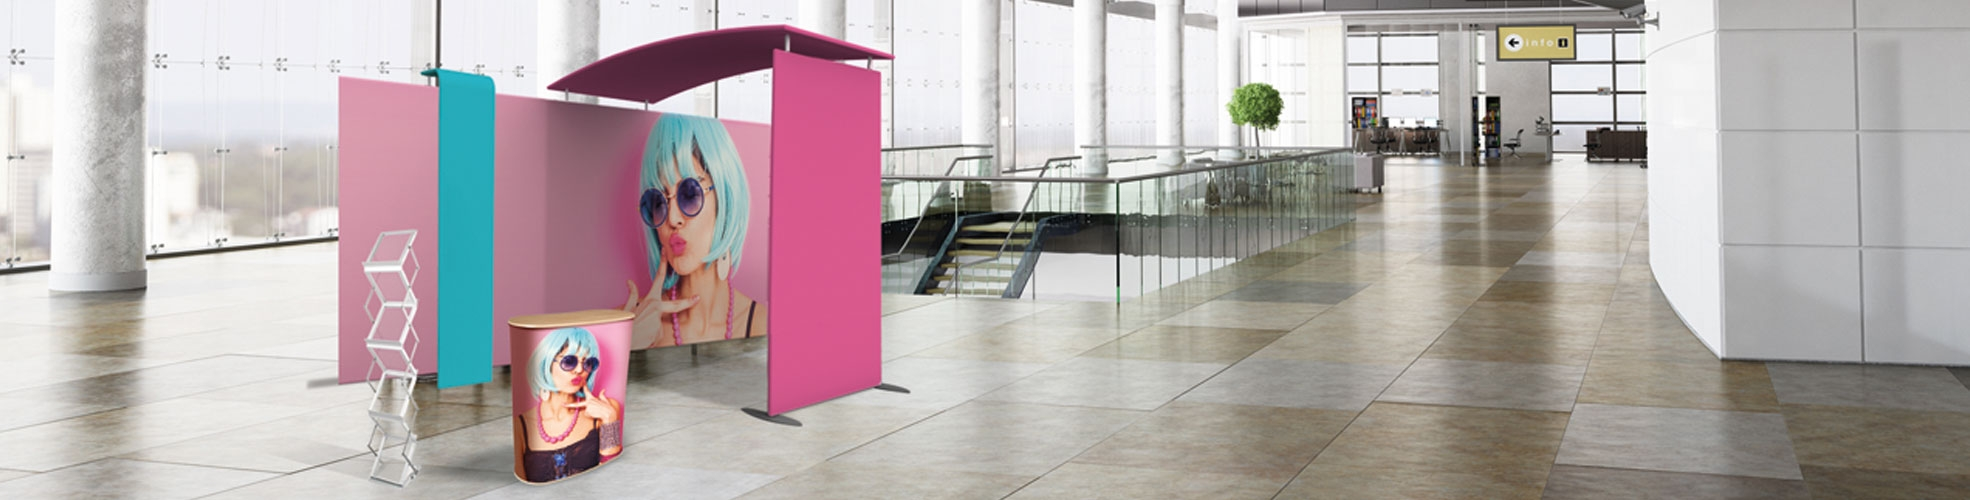 stand modulari componibili per isole promozionali, eventi, stand fieristici